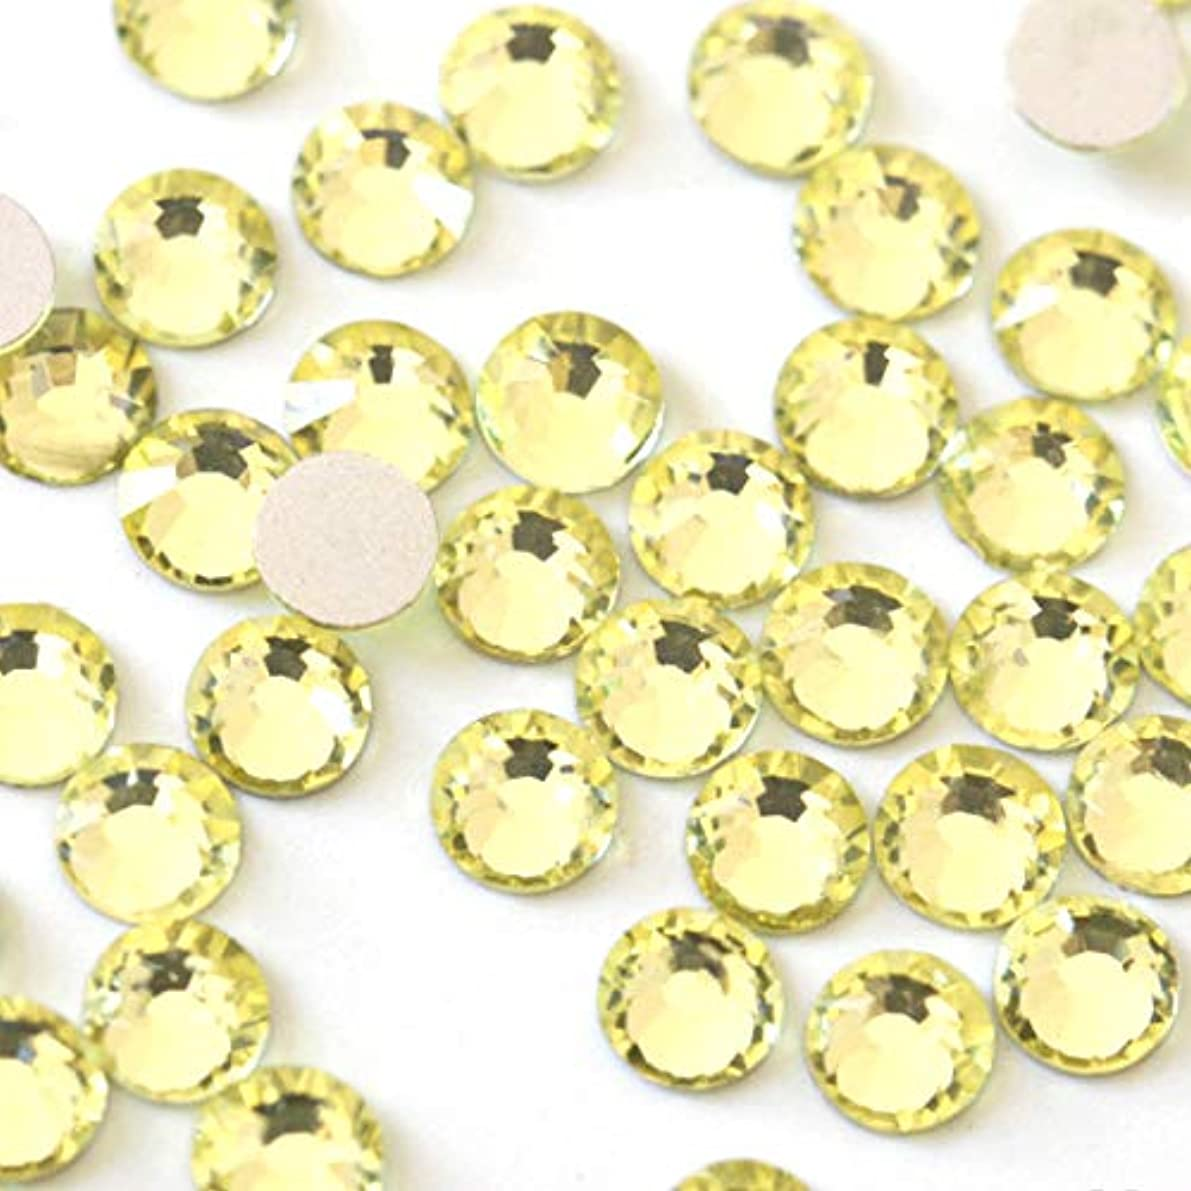 【ラインストーン77】 超高級 ガラス製ラインストーン SS4~SS30 ジョンキル スワロフスキー同等 (3.0mm (SS12) 約200粒)